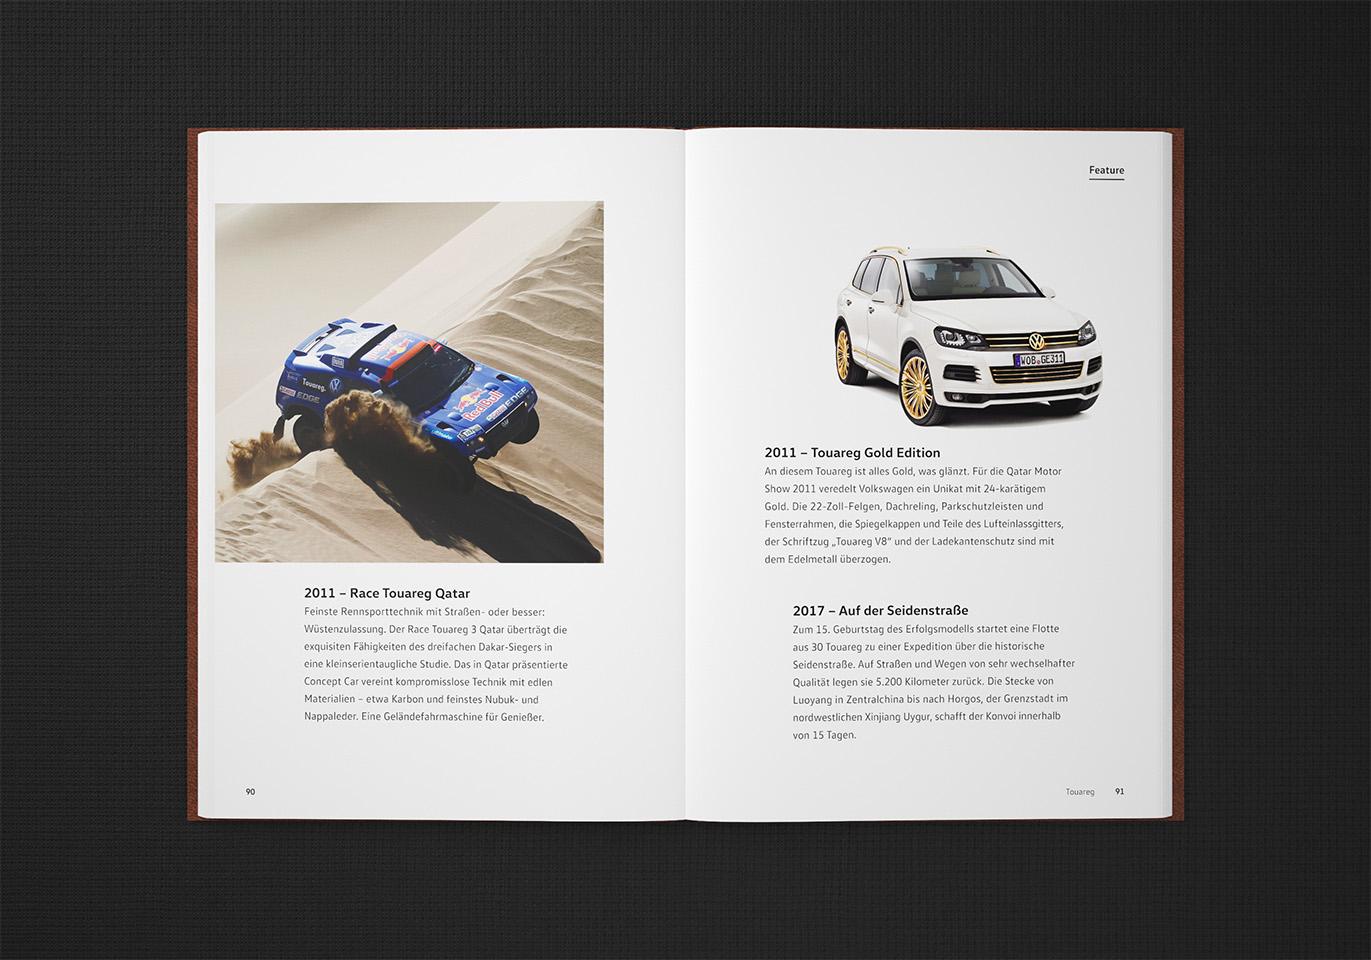 15_Josekdesign_Volkswagen_Pressbundle_Touareg.jpg